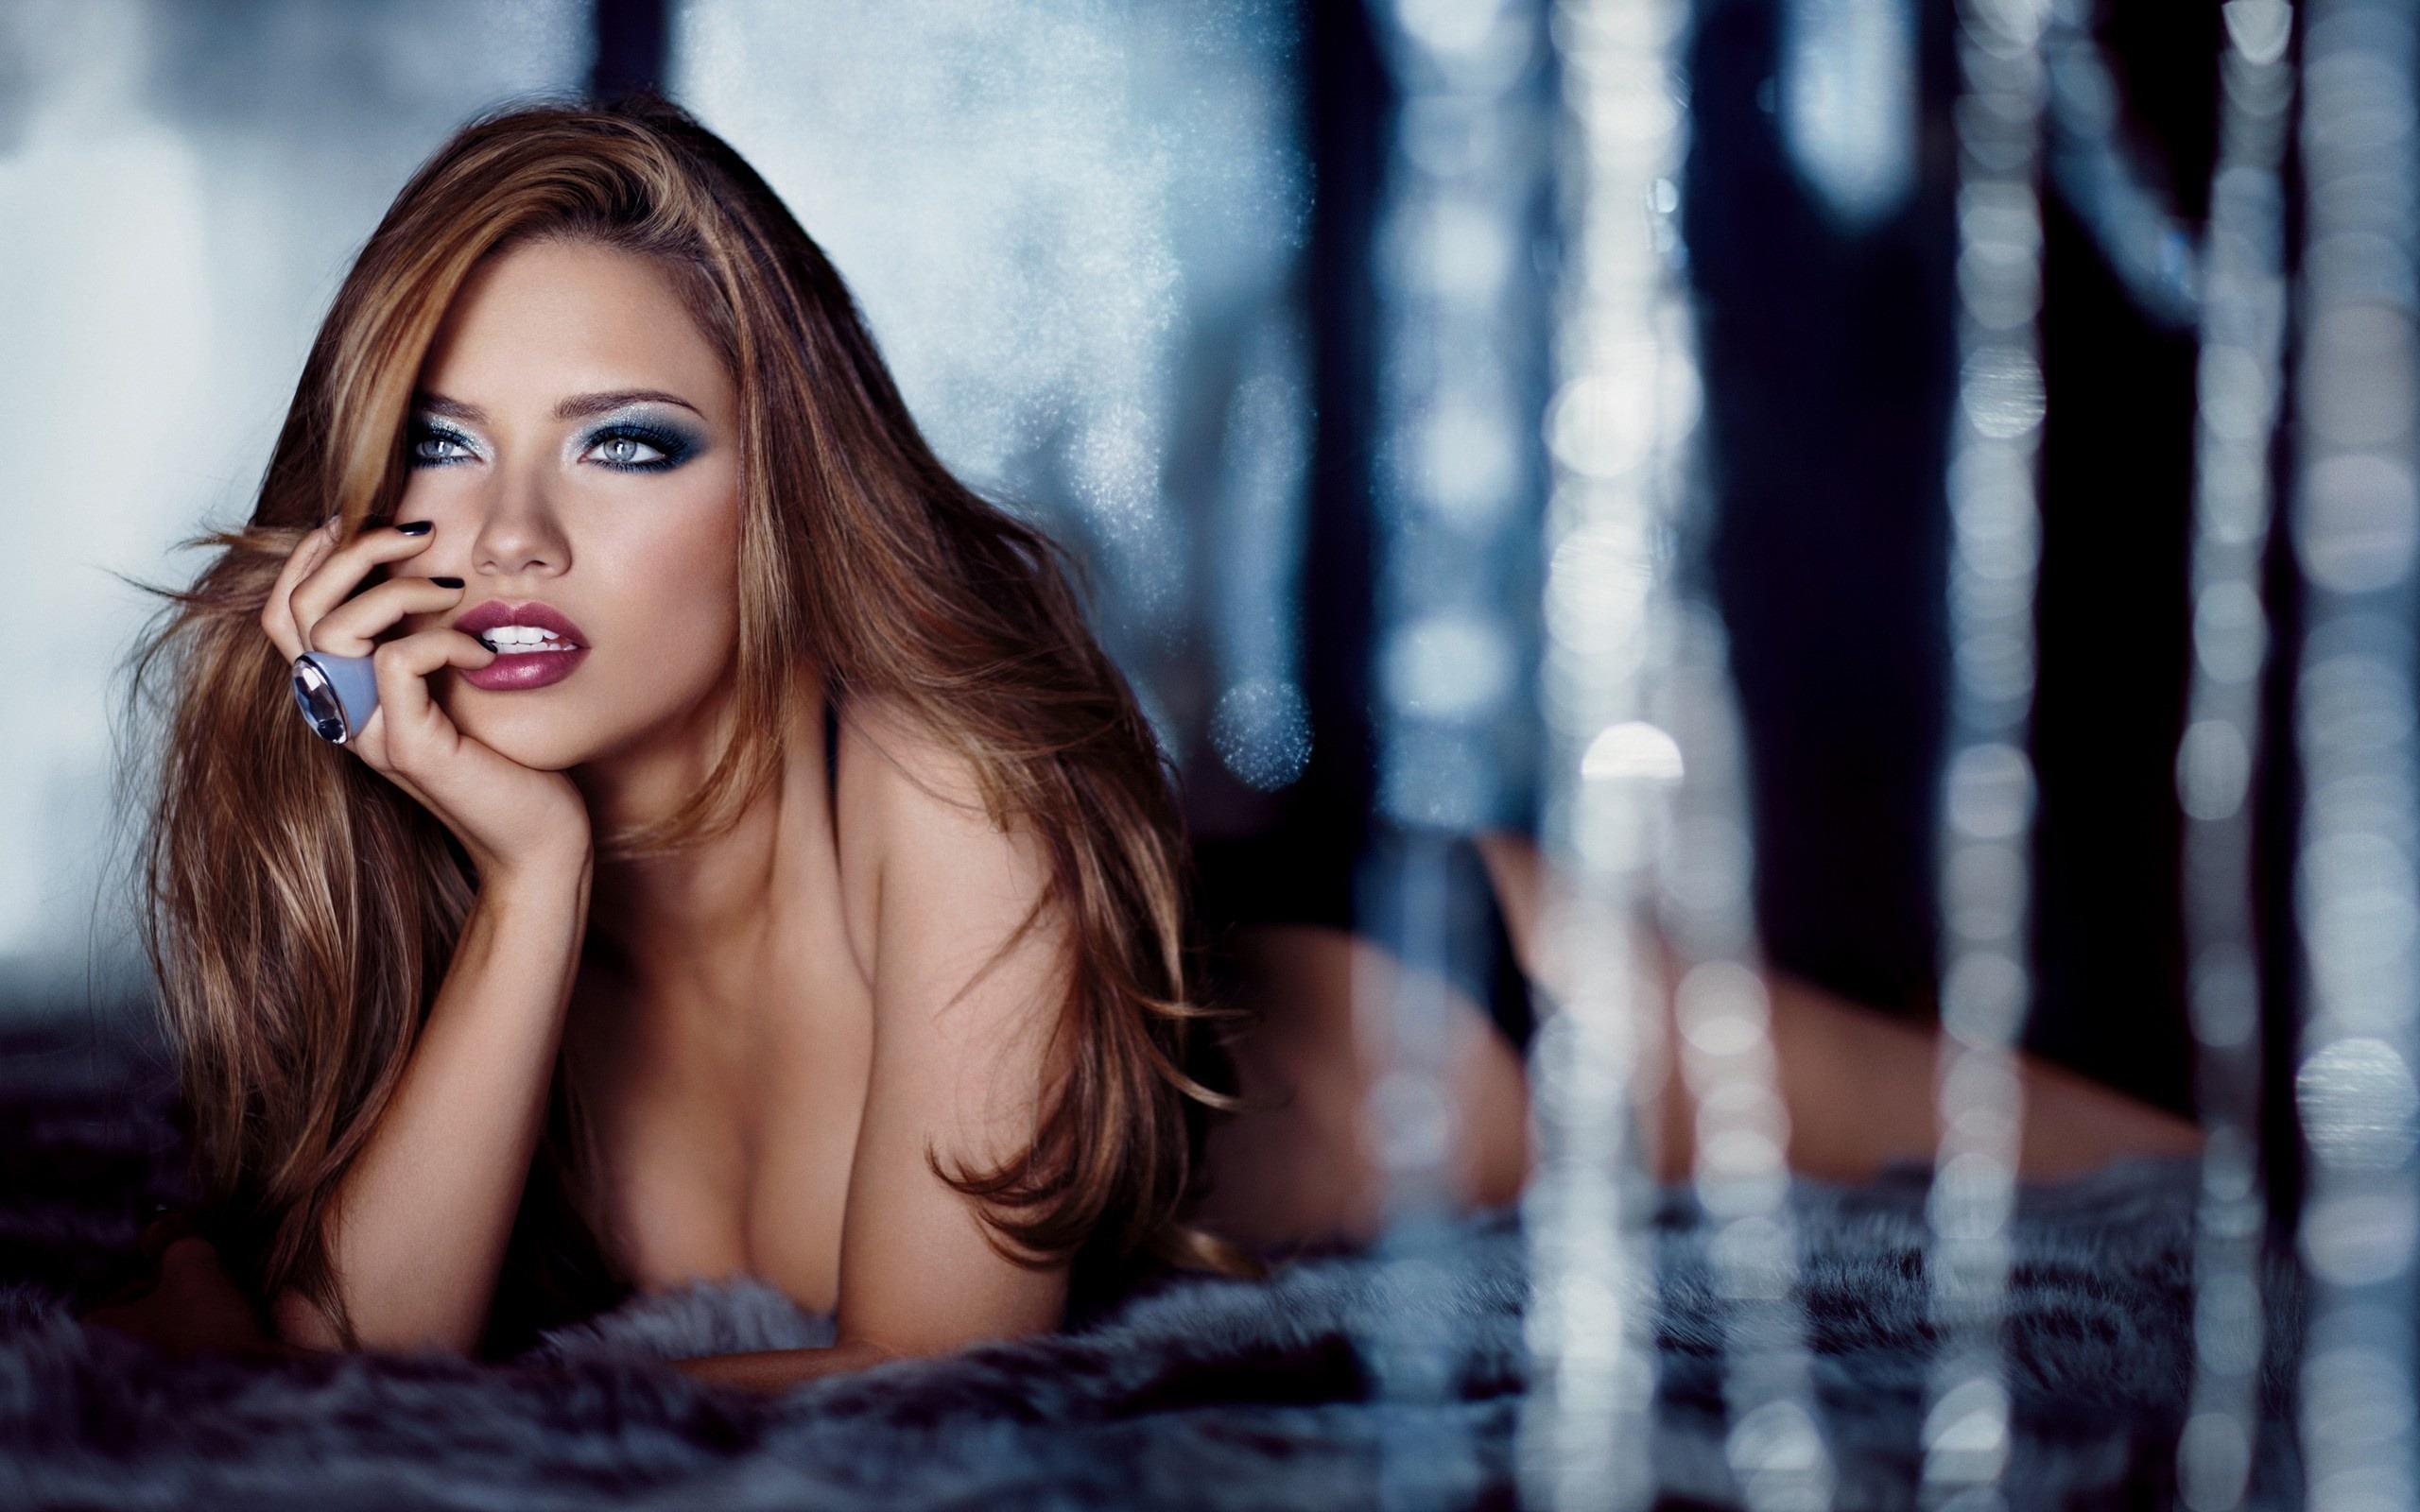 Юная девочка модель эдуарда 26 фотография